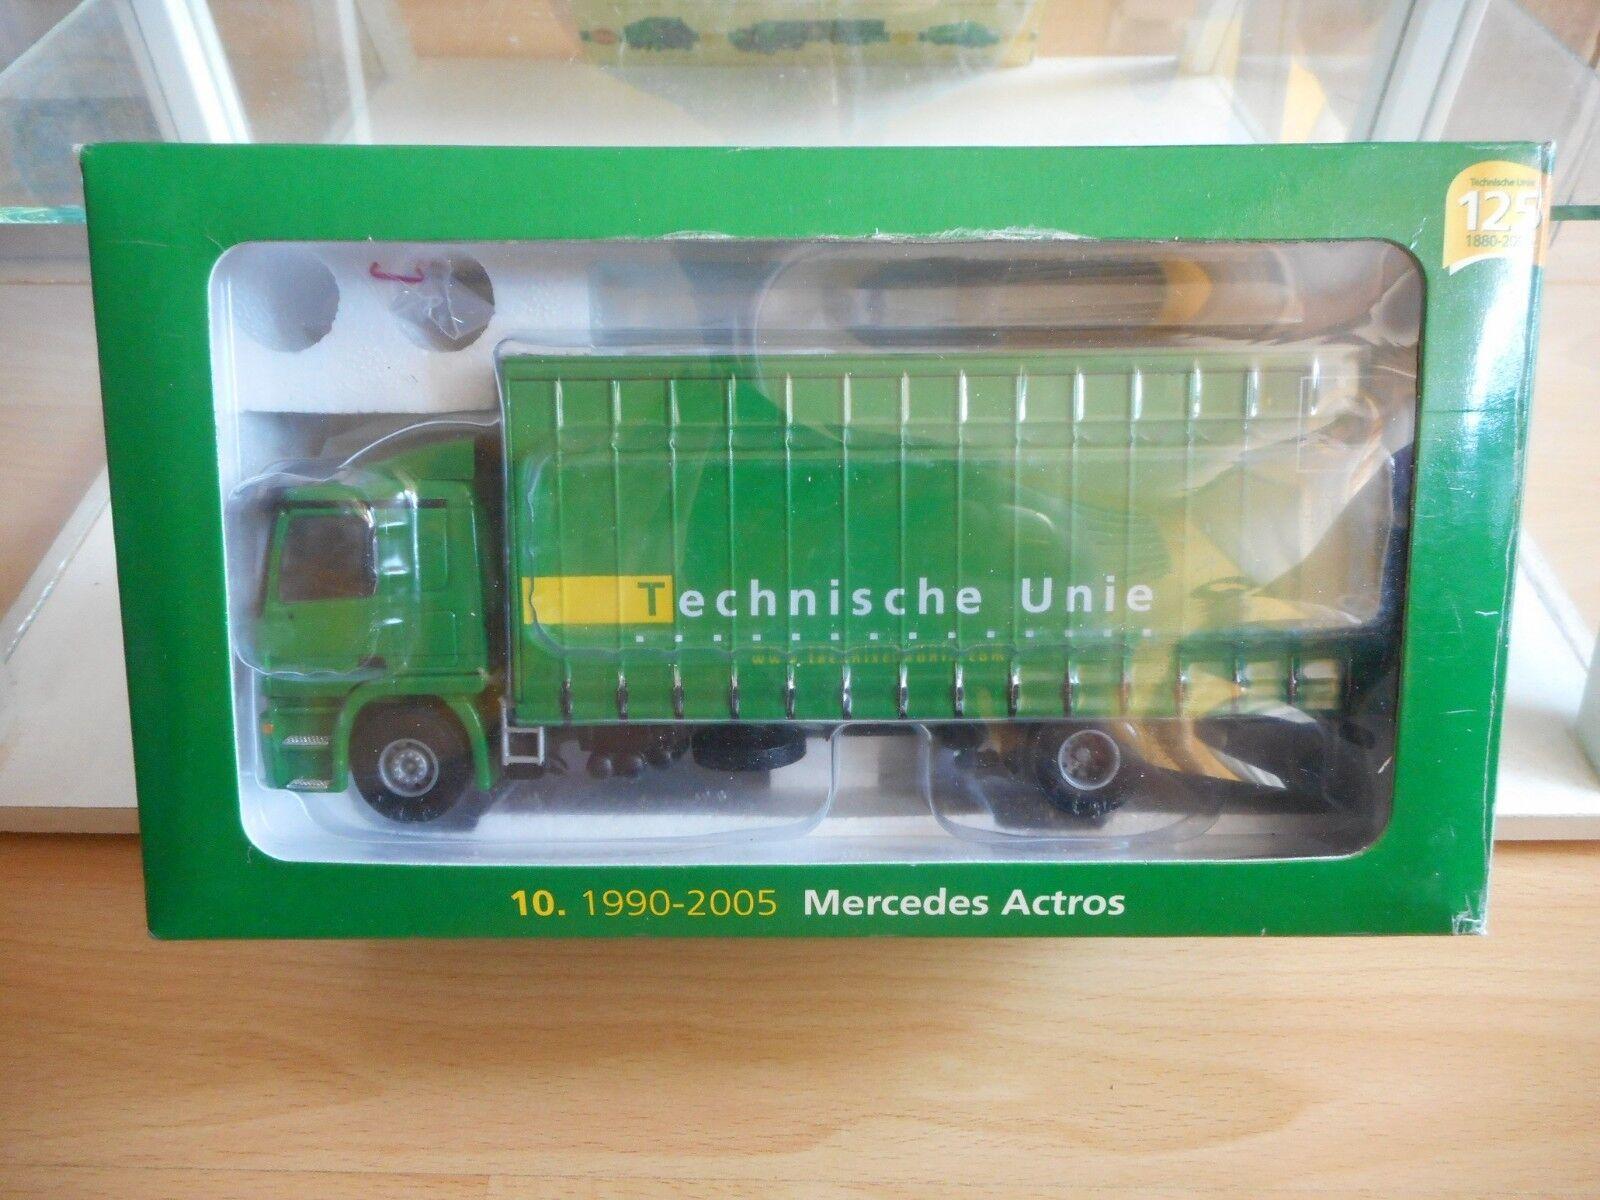 Lion Toys Mercedes Actros  Technische Unie  in Grün on 1 50 in Box